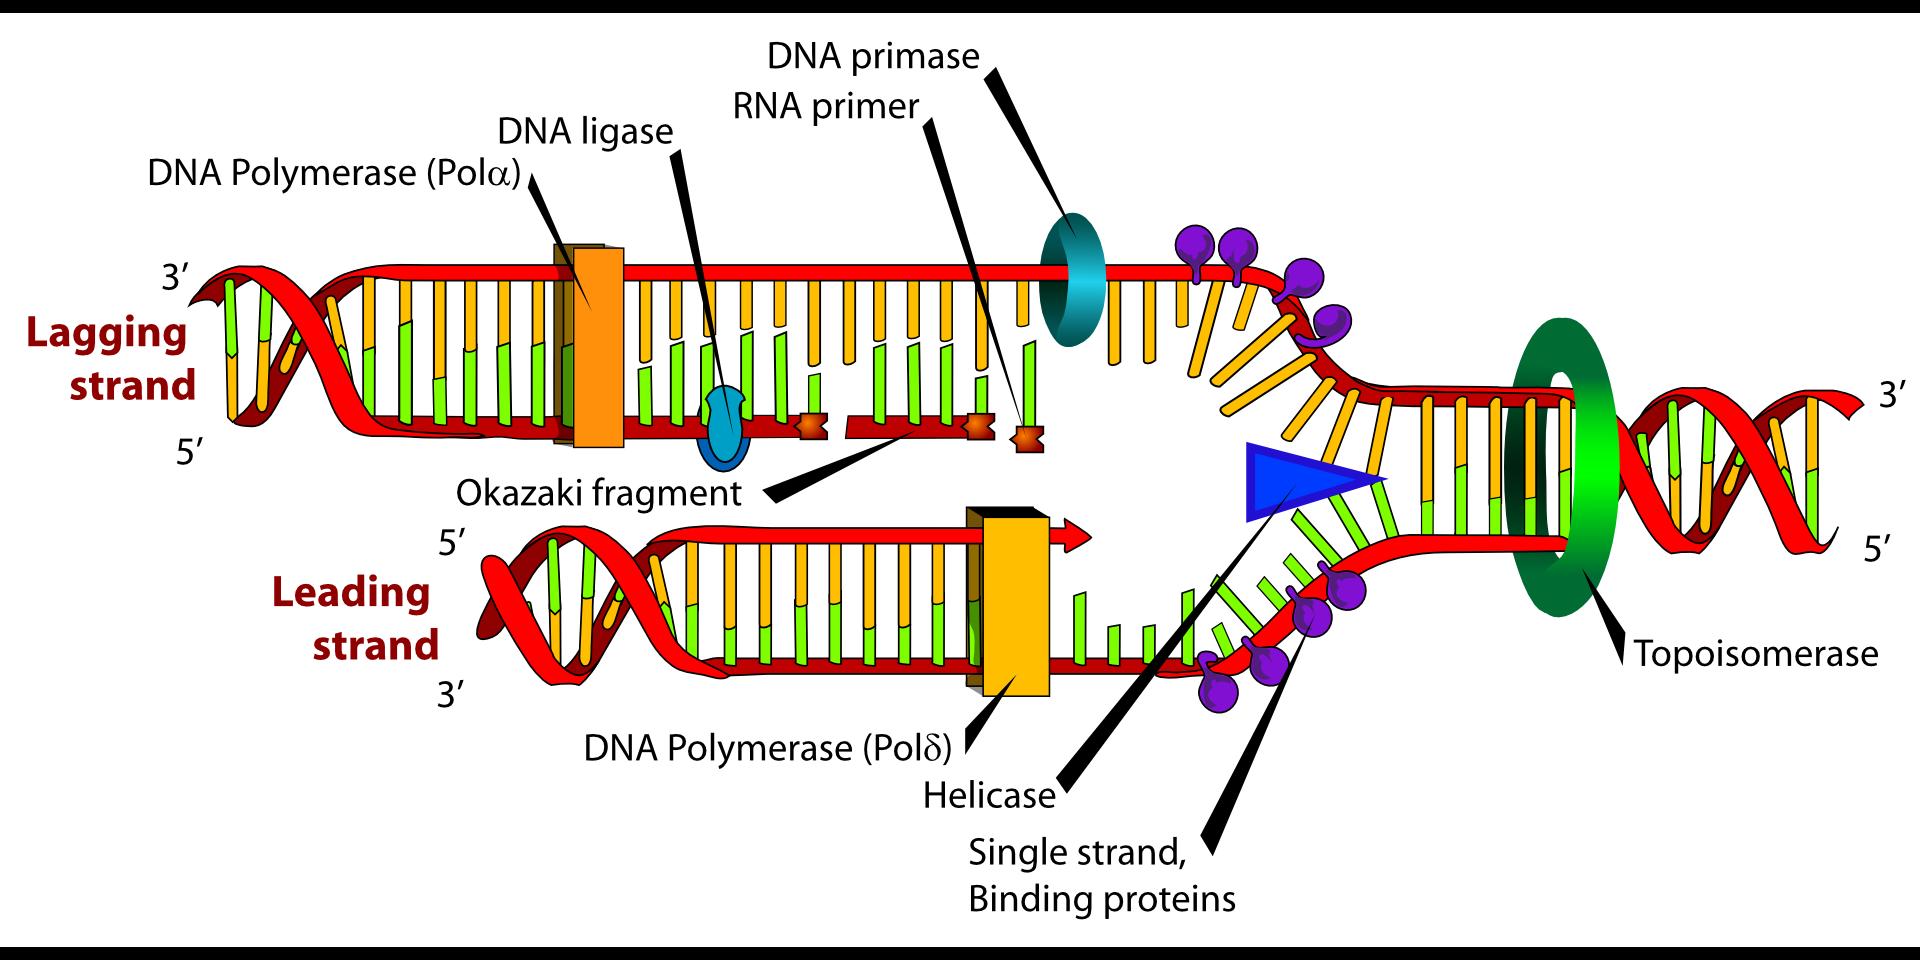 diagram-41531